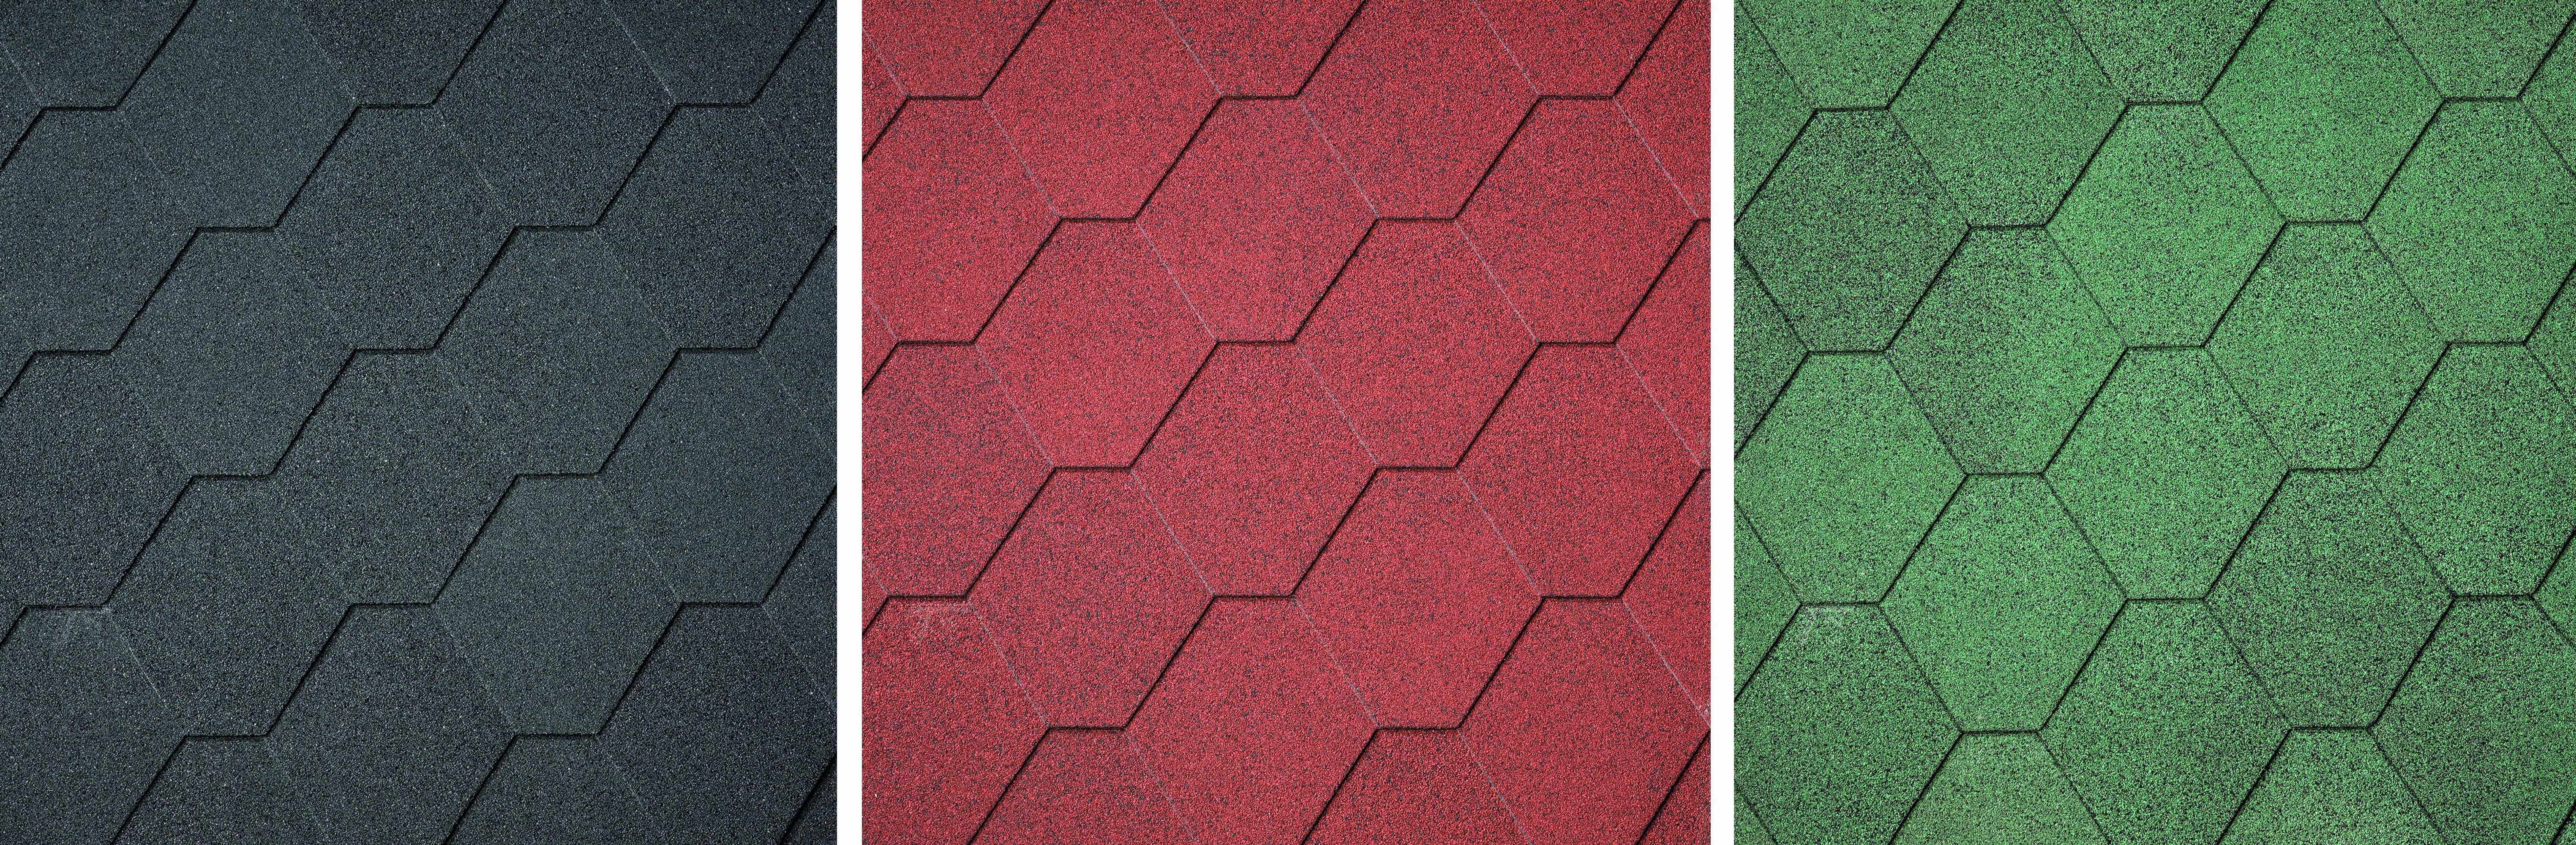 Dakschingles  zwart-rood-groen 3 m². Type: hexagonaal